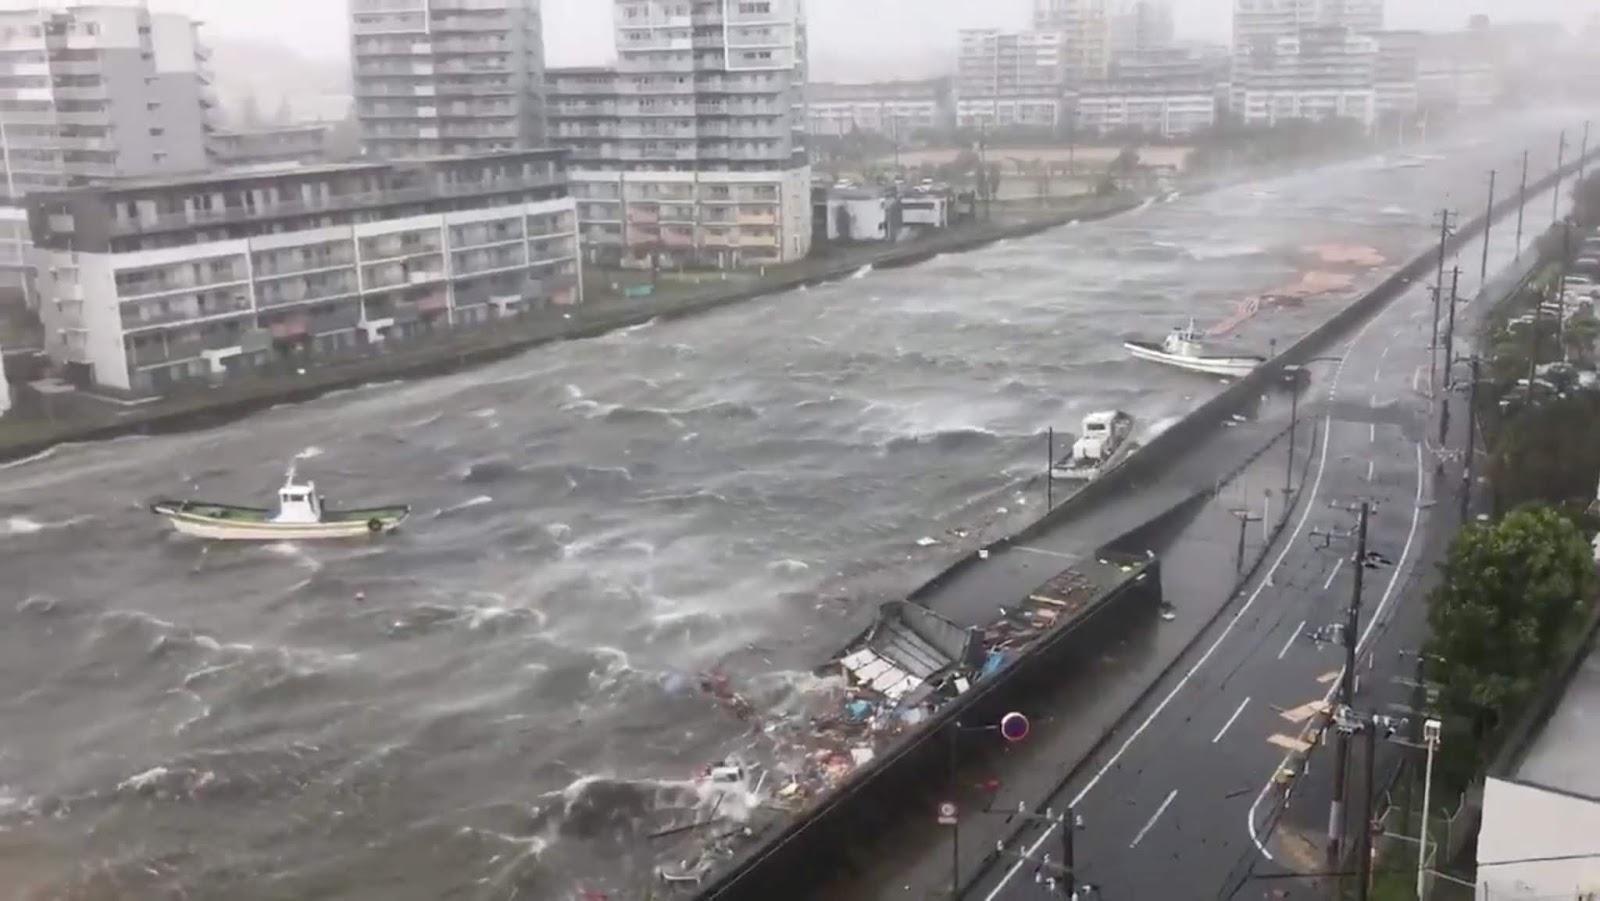 مصرع شخص وإصابة آخرين في اليابان جراء عاصفة مدارية